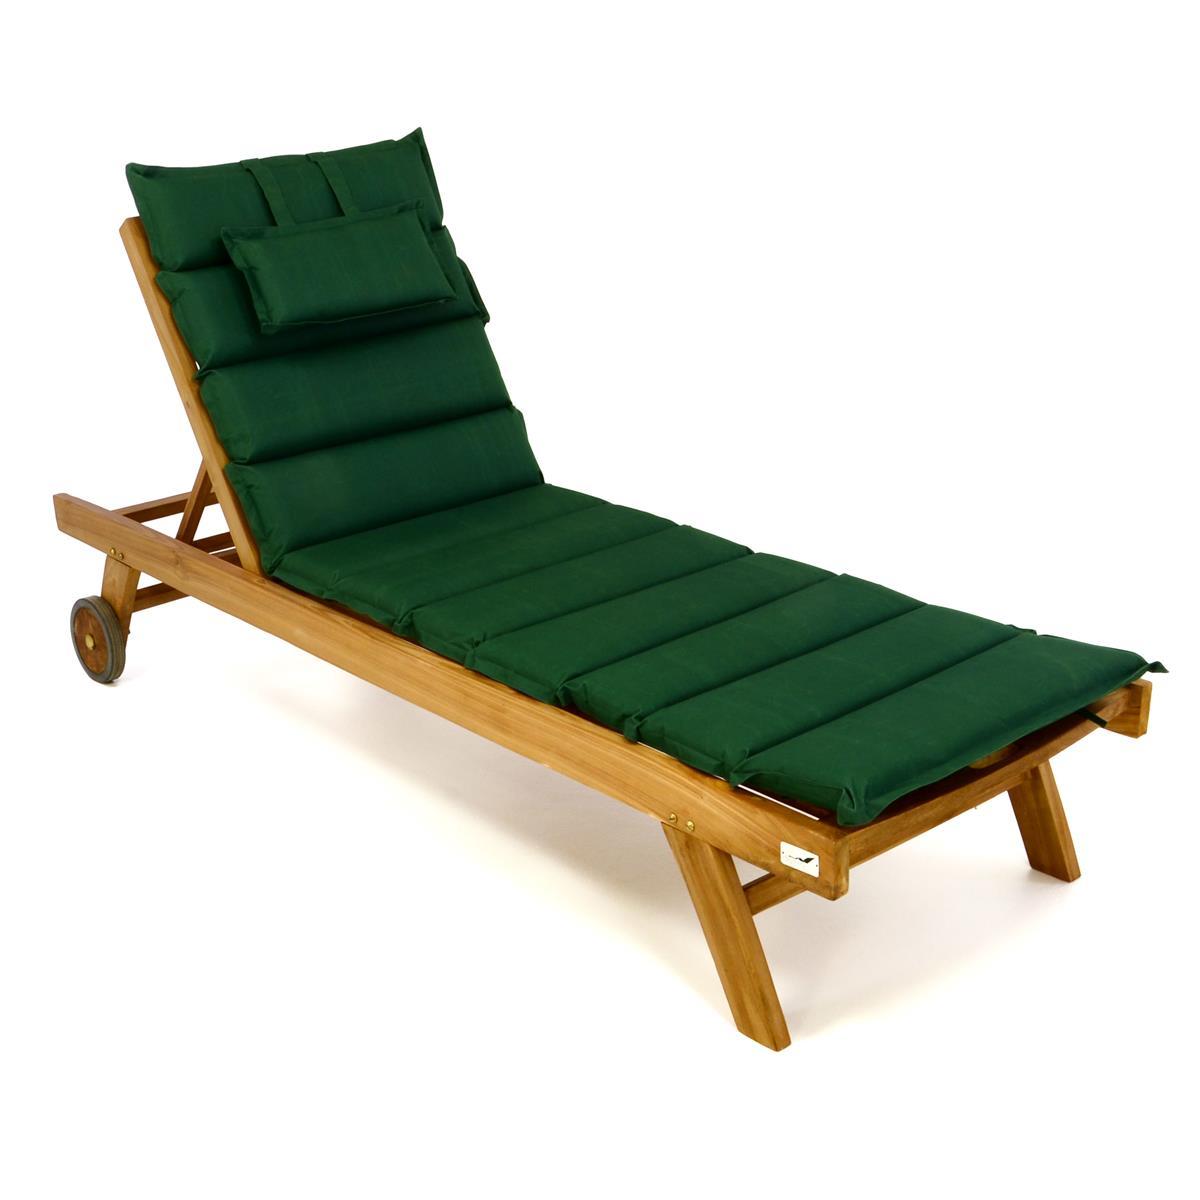 DIVERO Sonnenliege Set Gartenliege Teakholz behandelt Räder Auflage grün